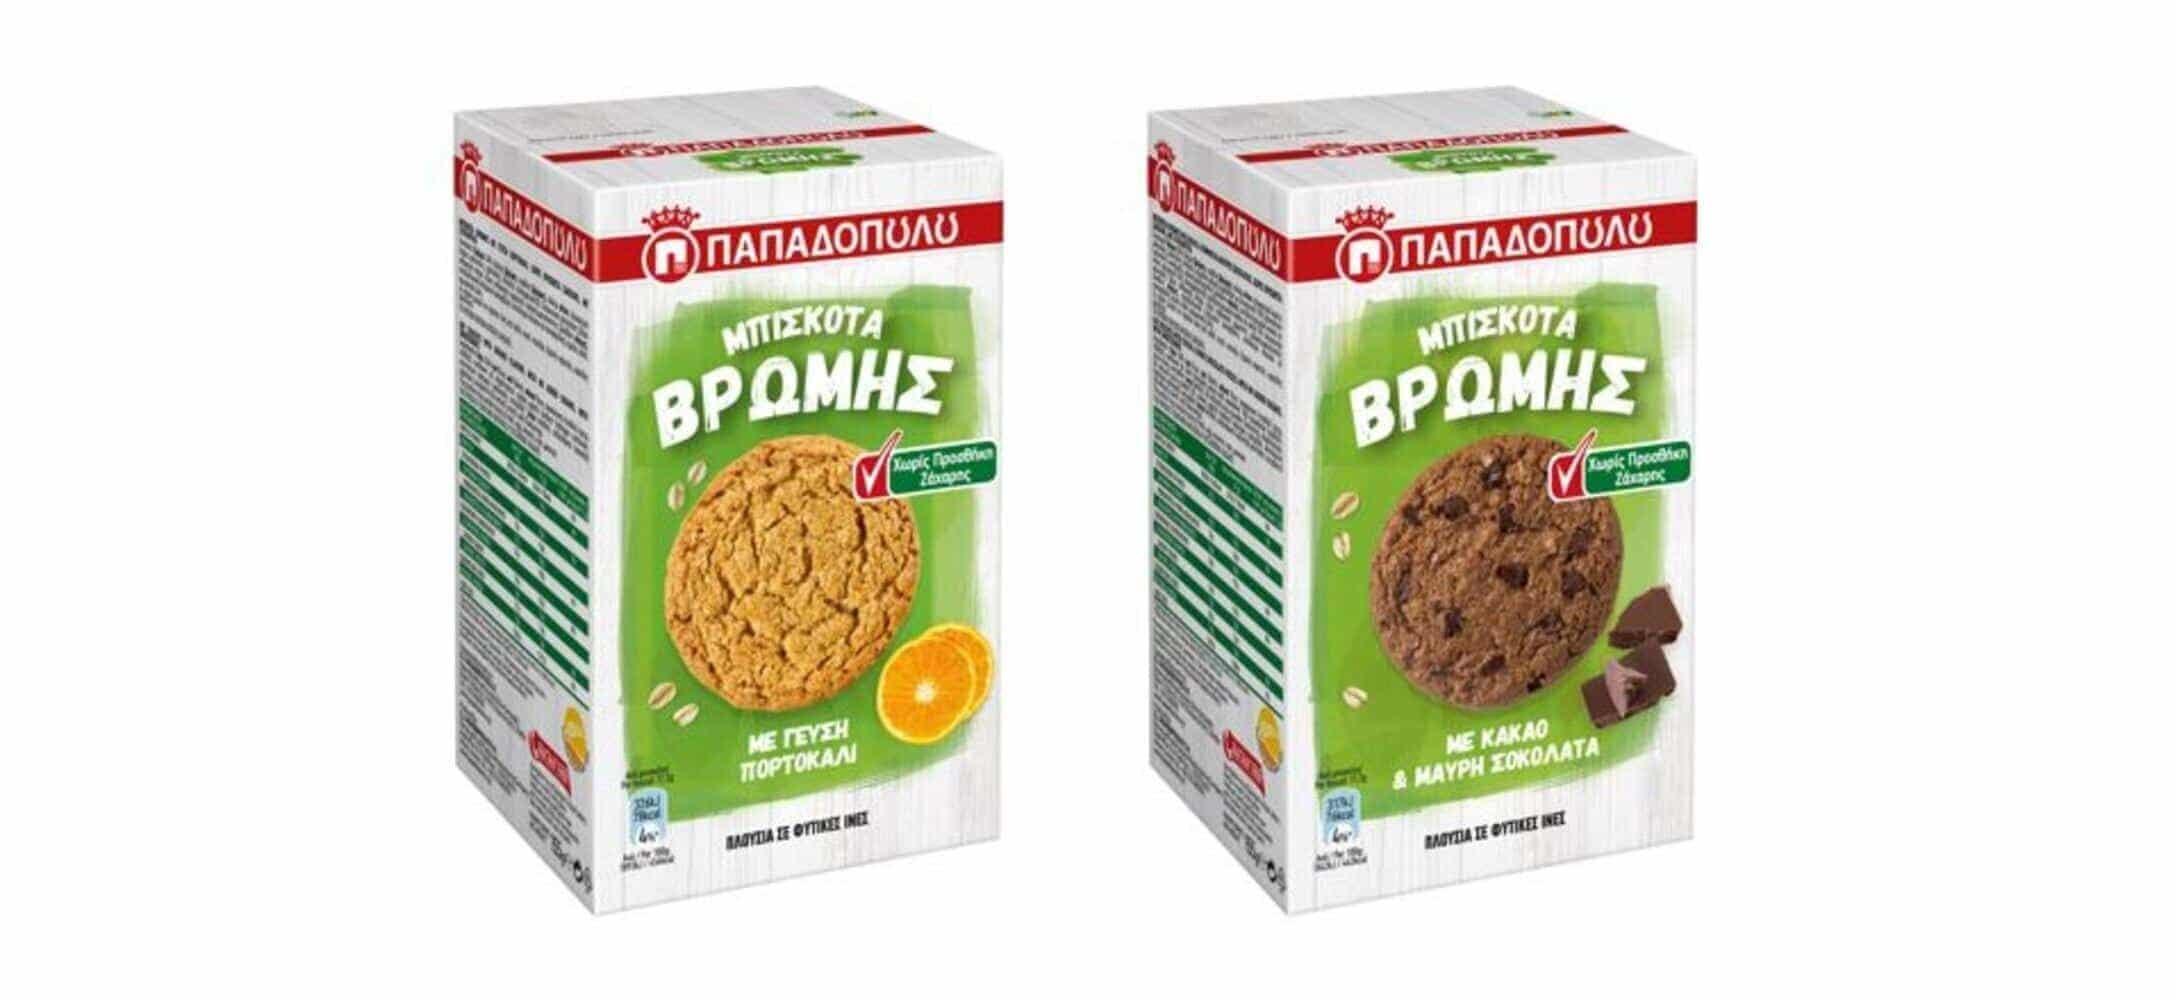 image for Τα Μπισκότα Βρώμης Παπαδοπούλου κυκλοφορούν σε δυο νέες γεύσεις, χωρίς προσθήκη ζάχαρης!